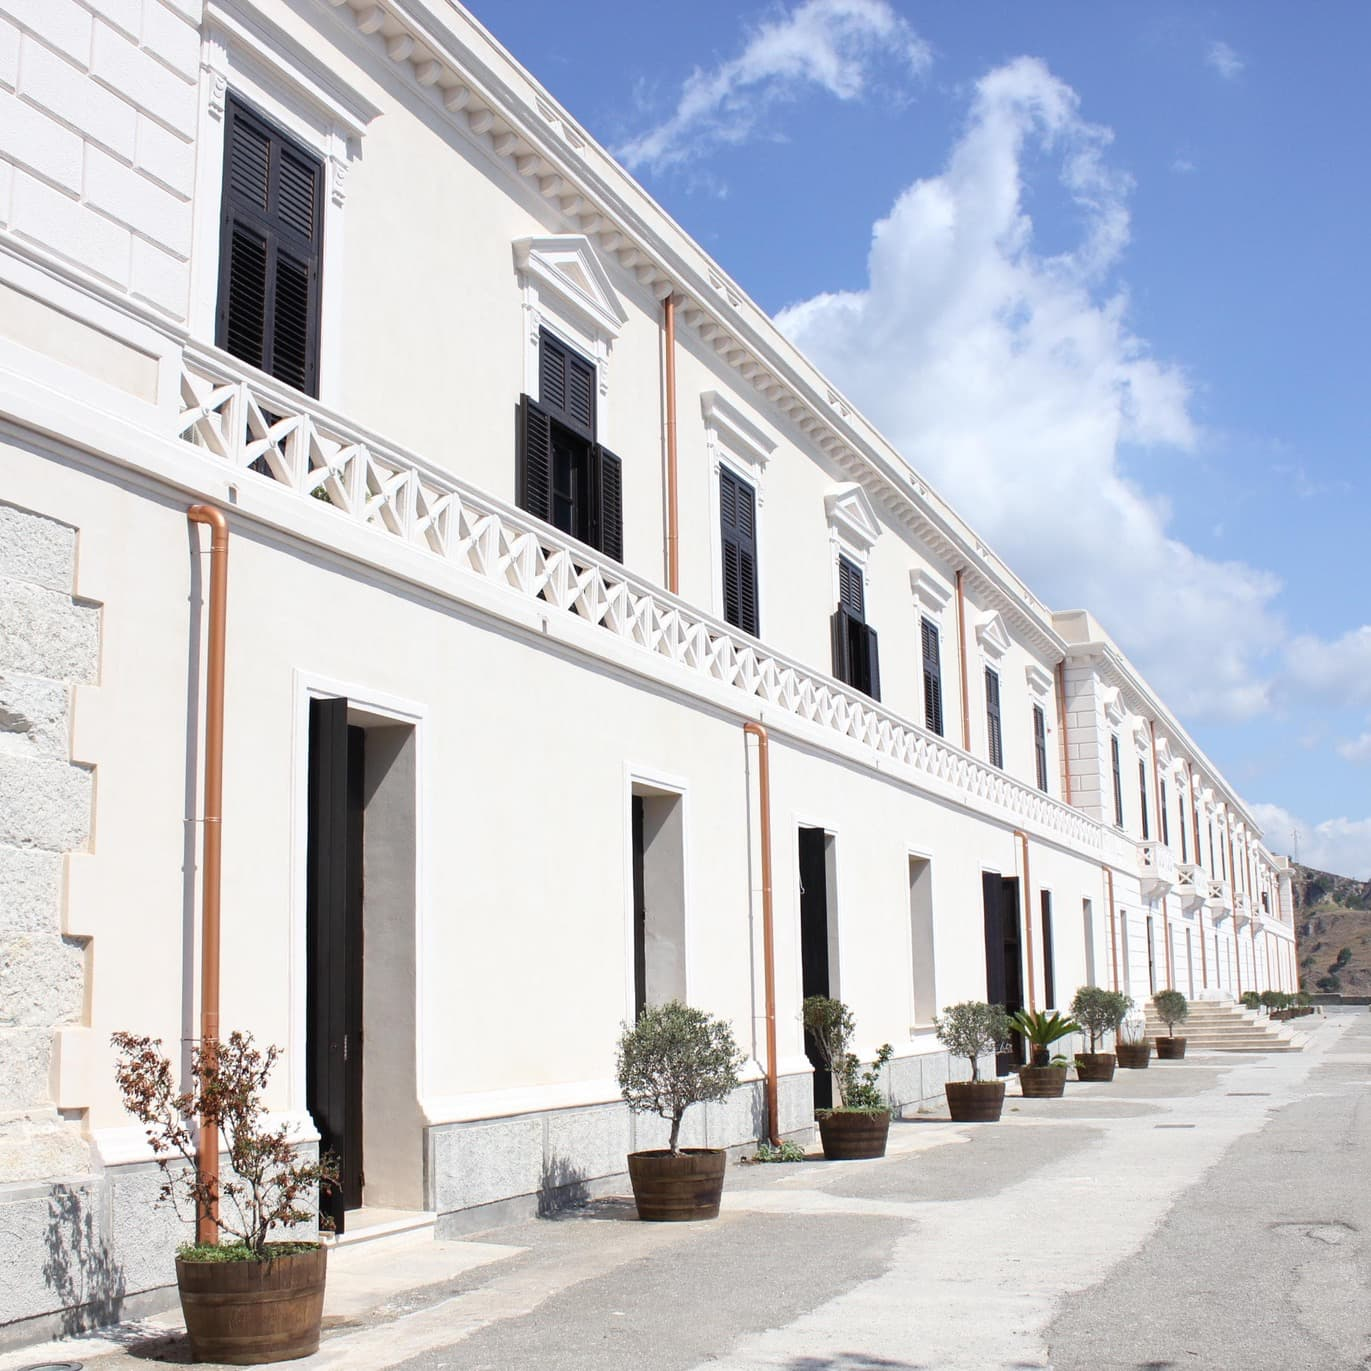 monastero-san-placido-1